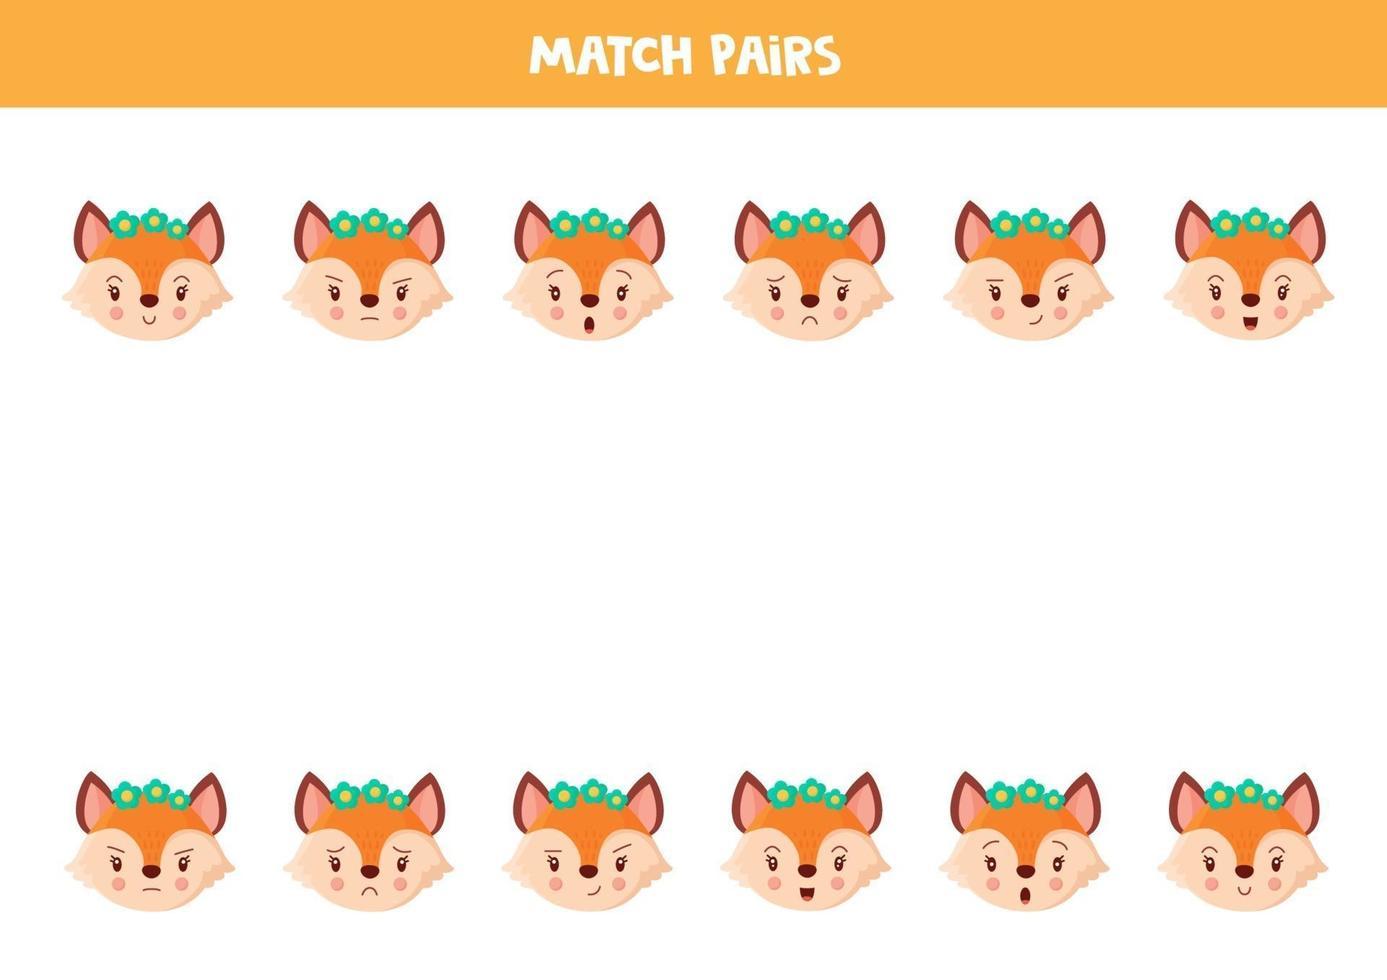 bijpassende paar schattige vossen. educatief werkblad. vector